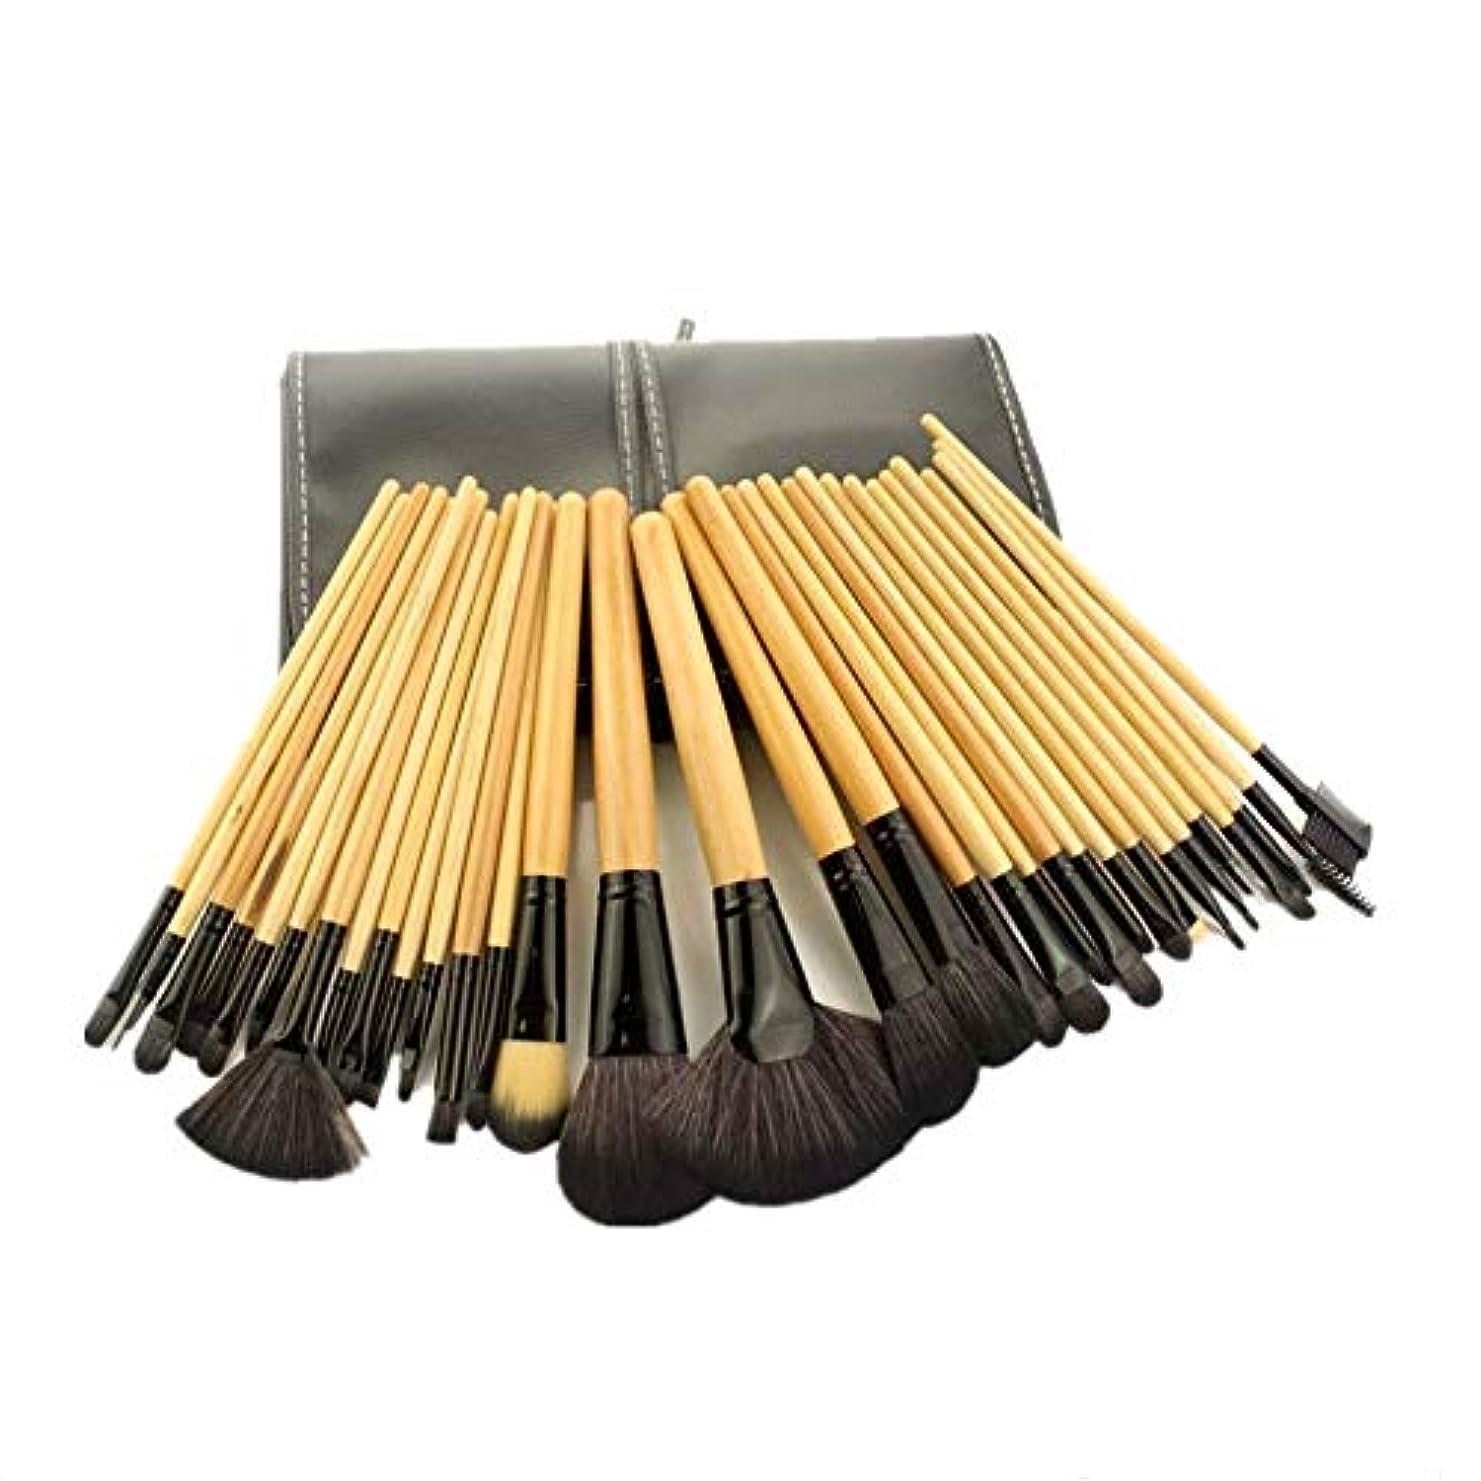 光沢のある殺す唇メイクアップブラシ、32ピースナチュラルヘア、プロフェッショナルメイクアップブラシナチュラル木製ハンドルブラック/ブラウン